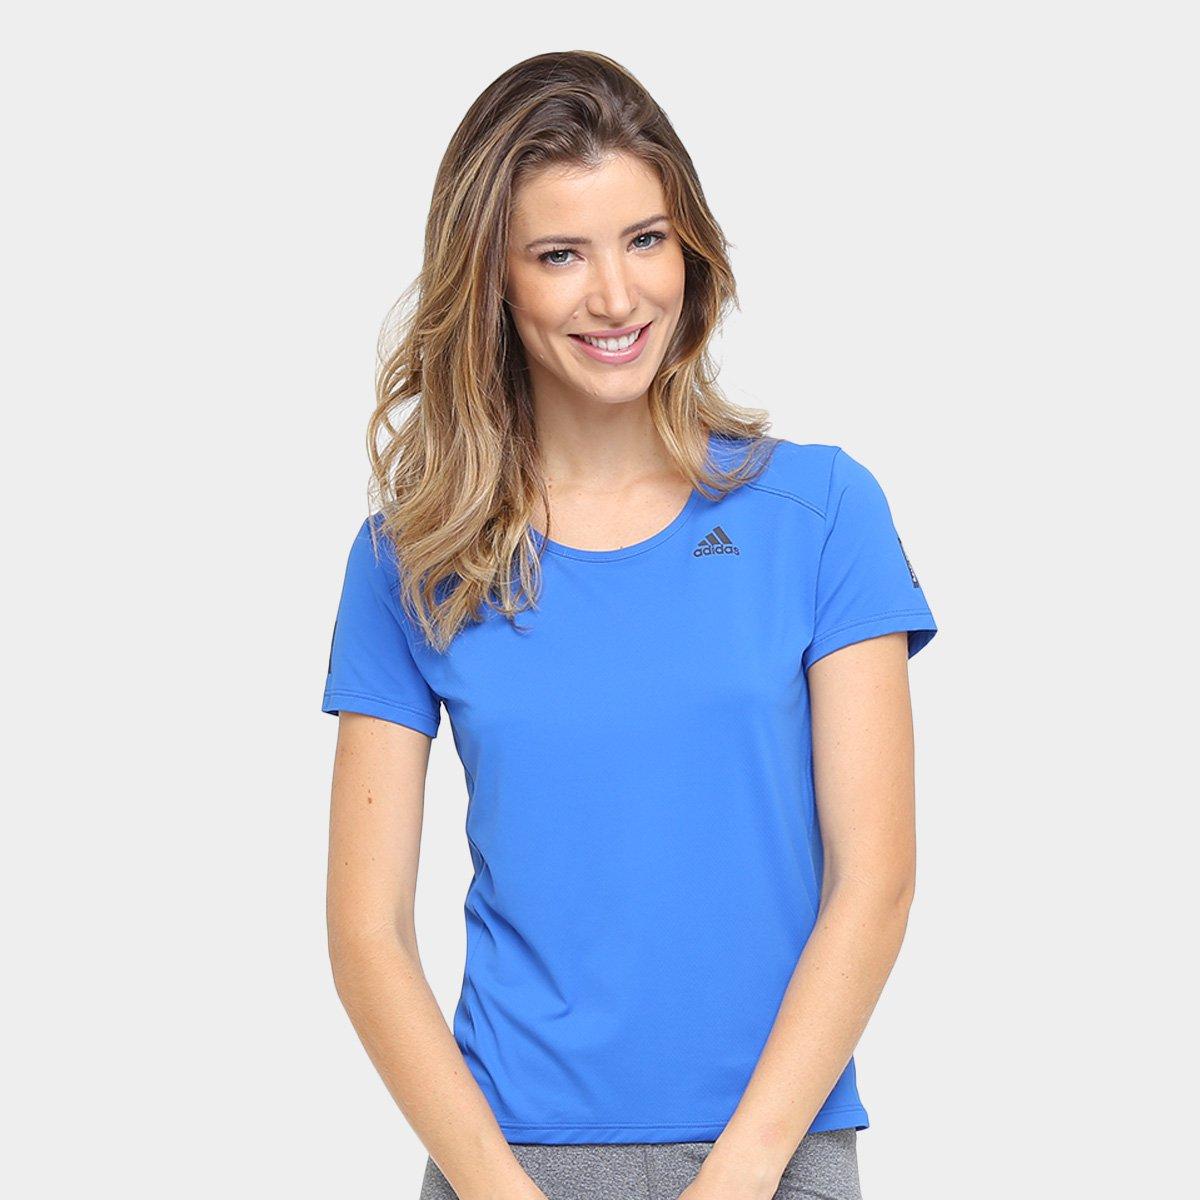 6aeb00c3e8 Response Camiseta Azul Adidas Poliamida Poliamida Camiseta Feminina  Response Adidas Feminina dwTgda ...